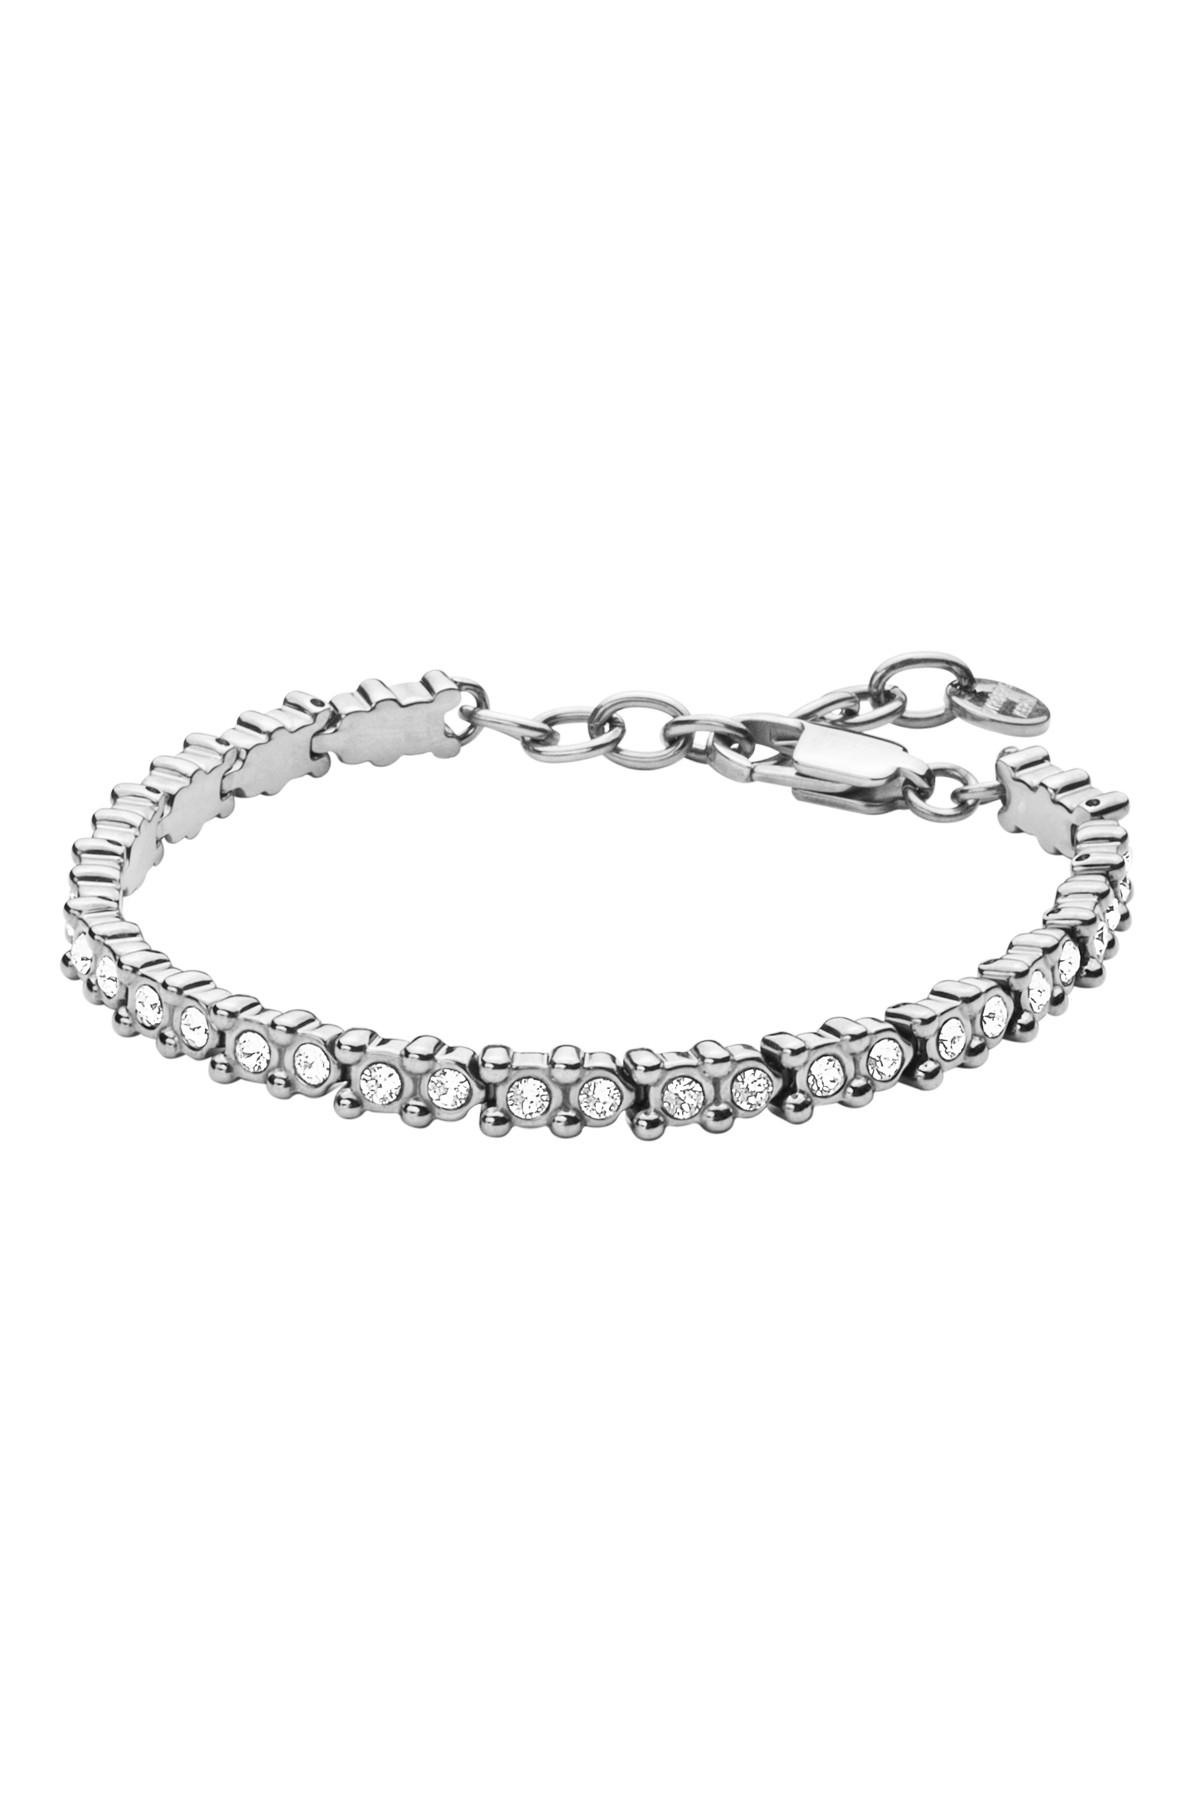 DYRBERG/KERN NIVALIS ARMBÅND 334357 (Silver, Crystal, ONESIZE)